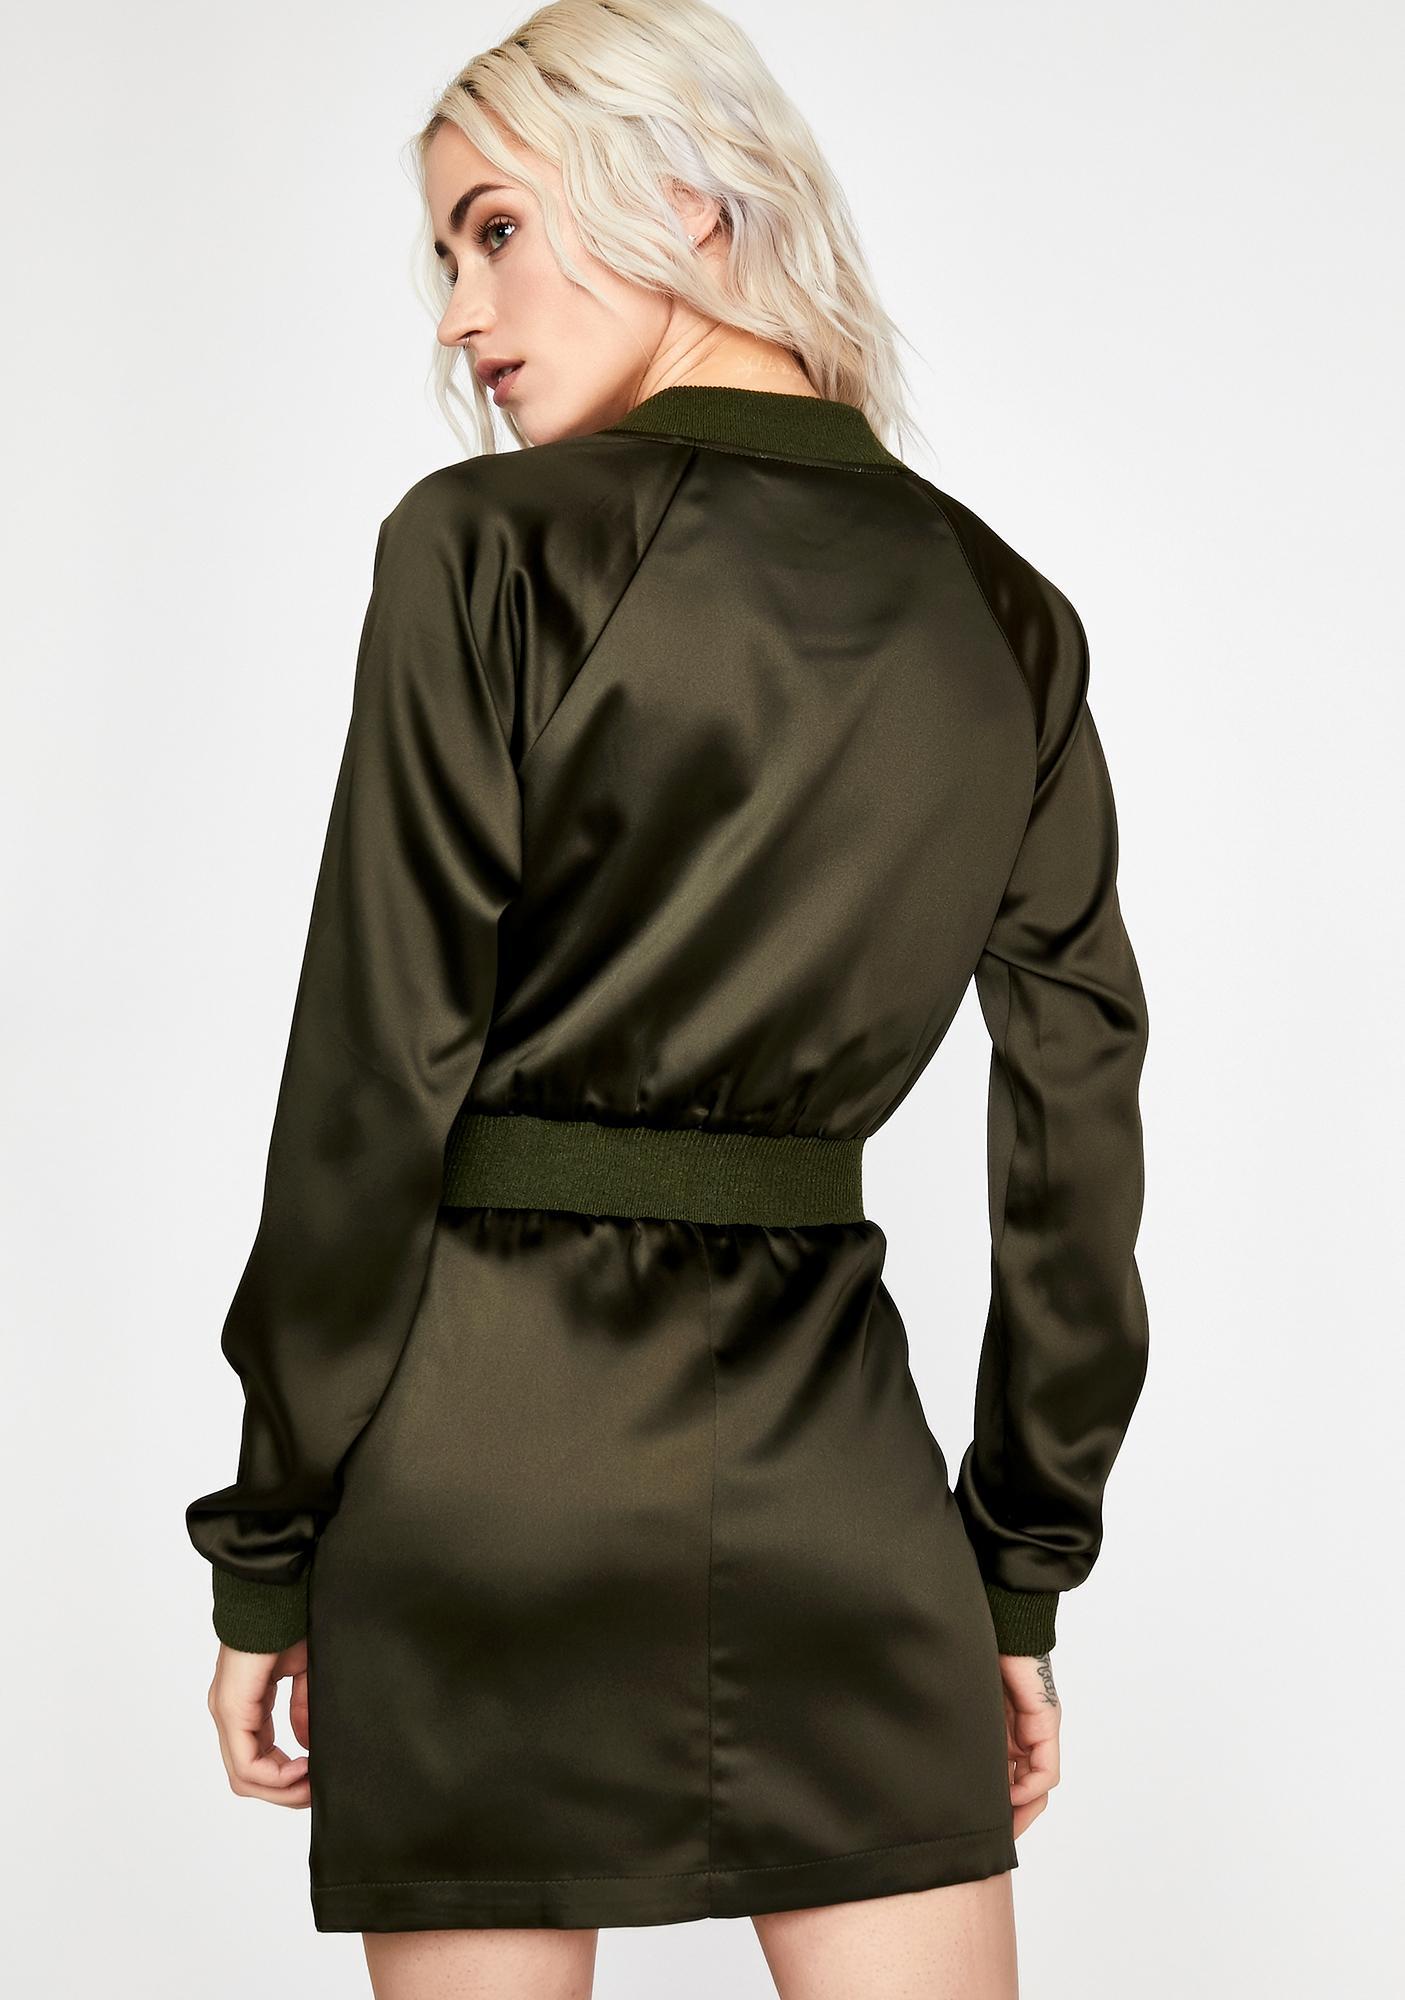 Olive Fierce Response Bomber Dress